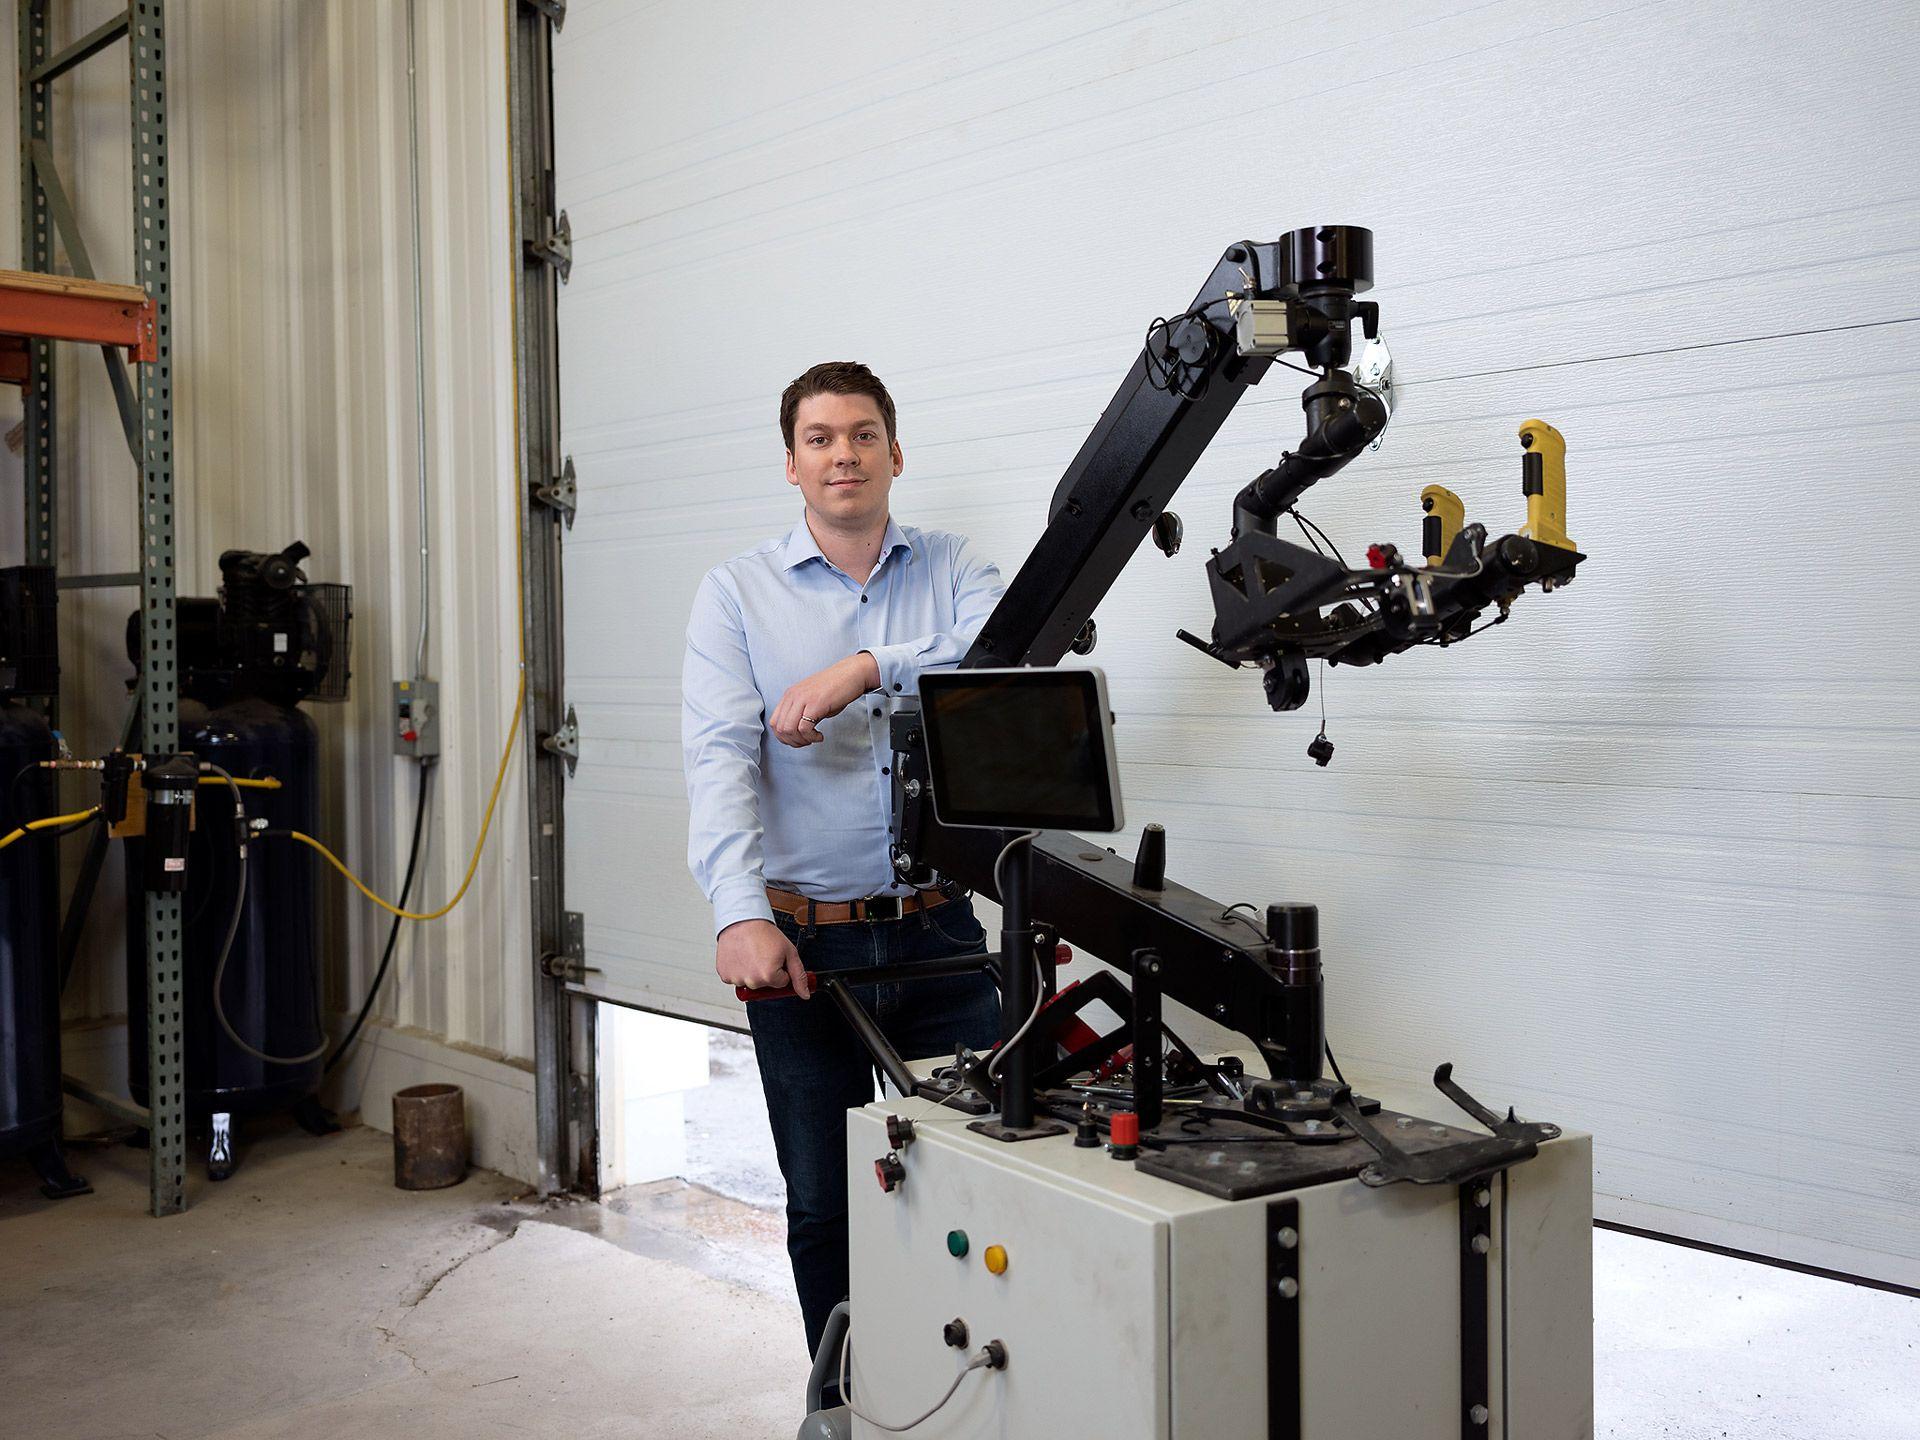 Machine laser à bras noir avec un créateur debout à côté d'elle dans un garage.